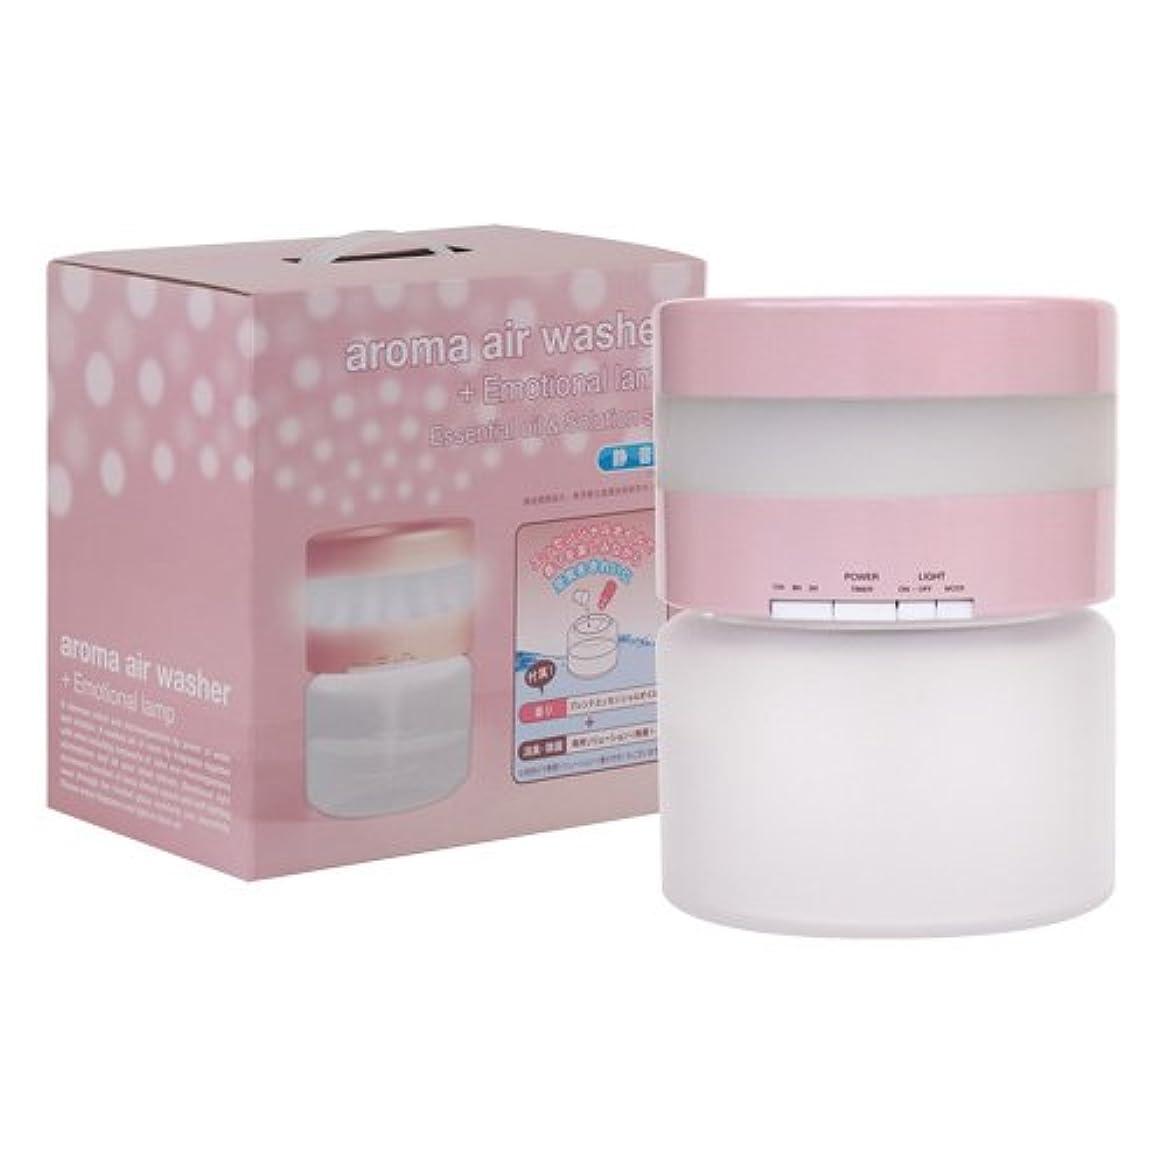 混合した劣る不格好空気洗浄器 アロマエアウォッシャー + エモーショナルランプ ピンク